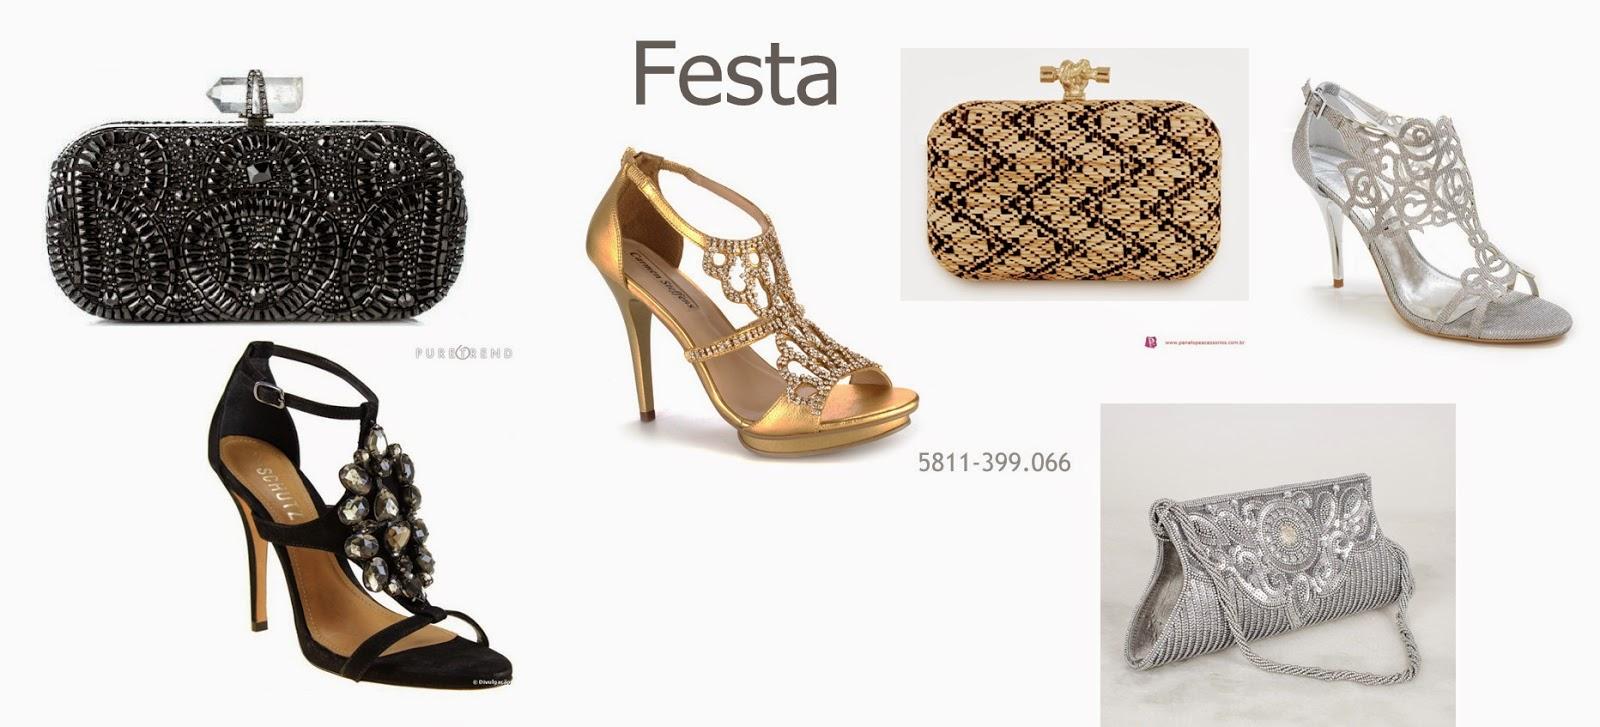 Bolsa De Festa Tem Que Combinar Com Sapato : Manias da patty sapatos e bolsas de festa